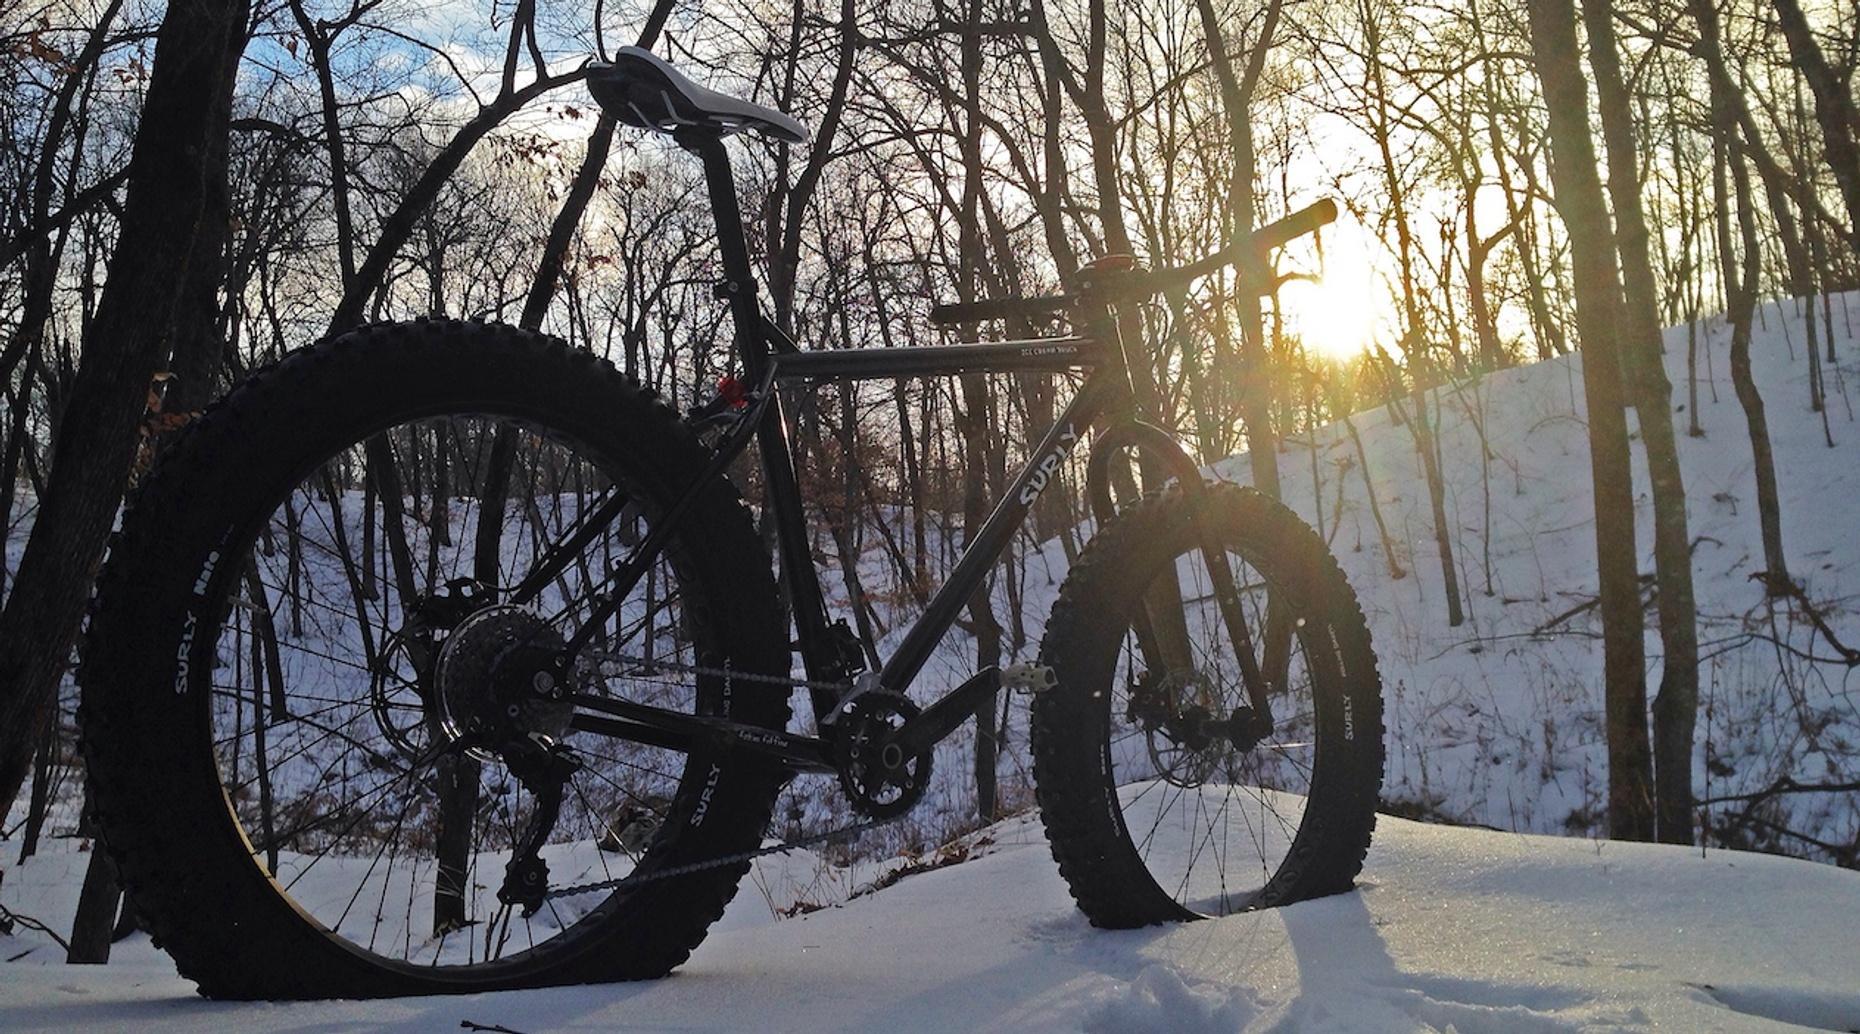 Winter Fat Bike Tour in Reads Landing